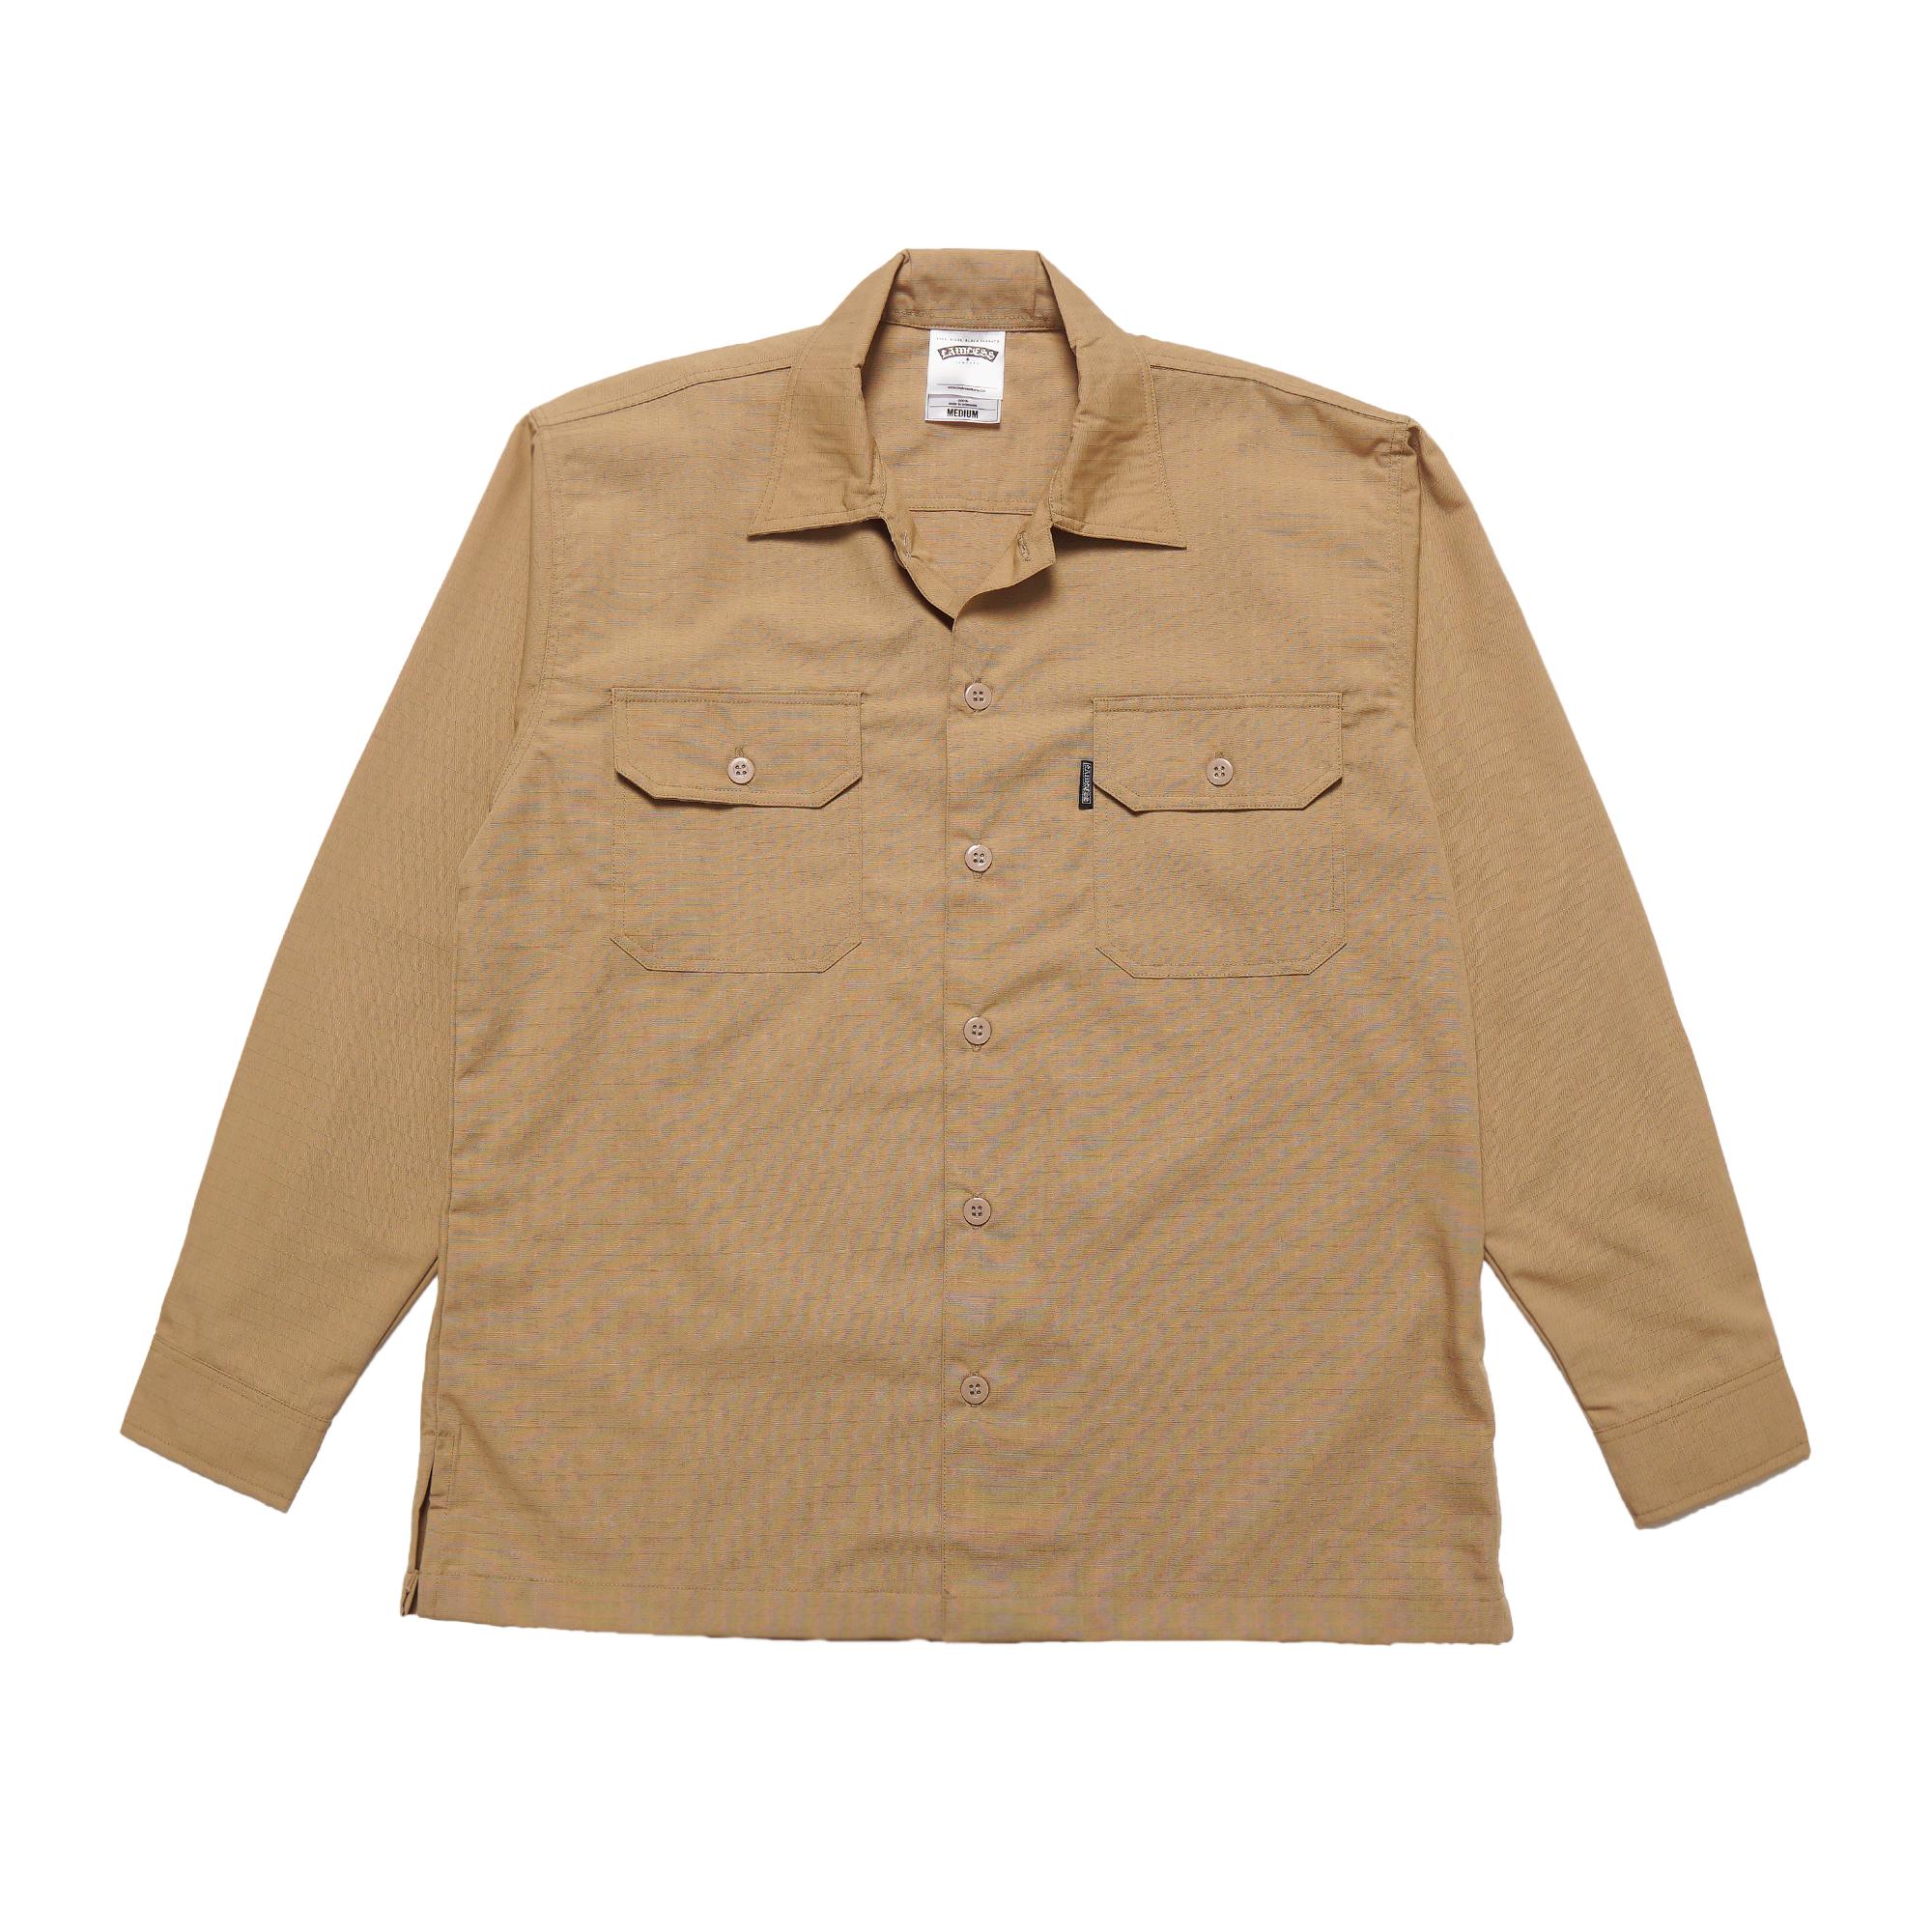 lawless-shirt-khaki